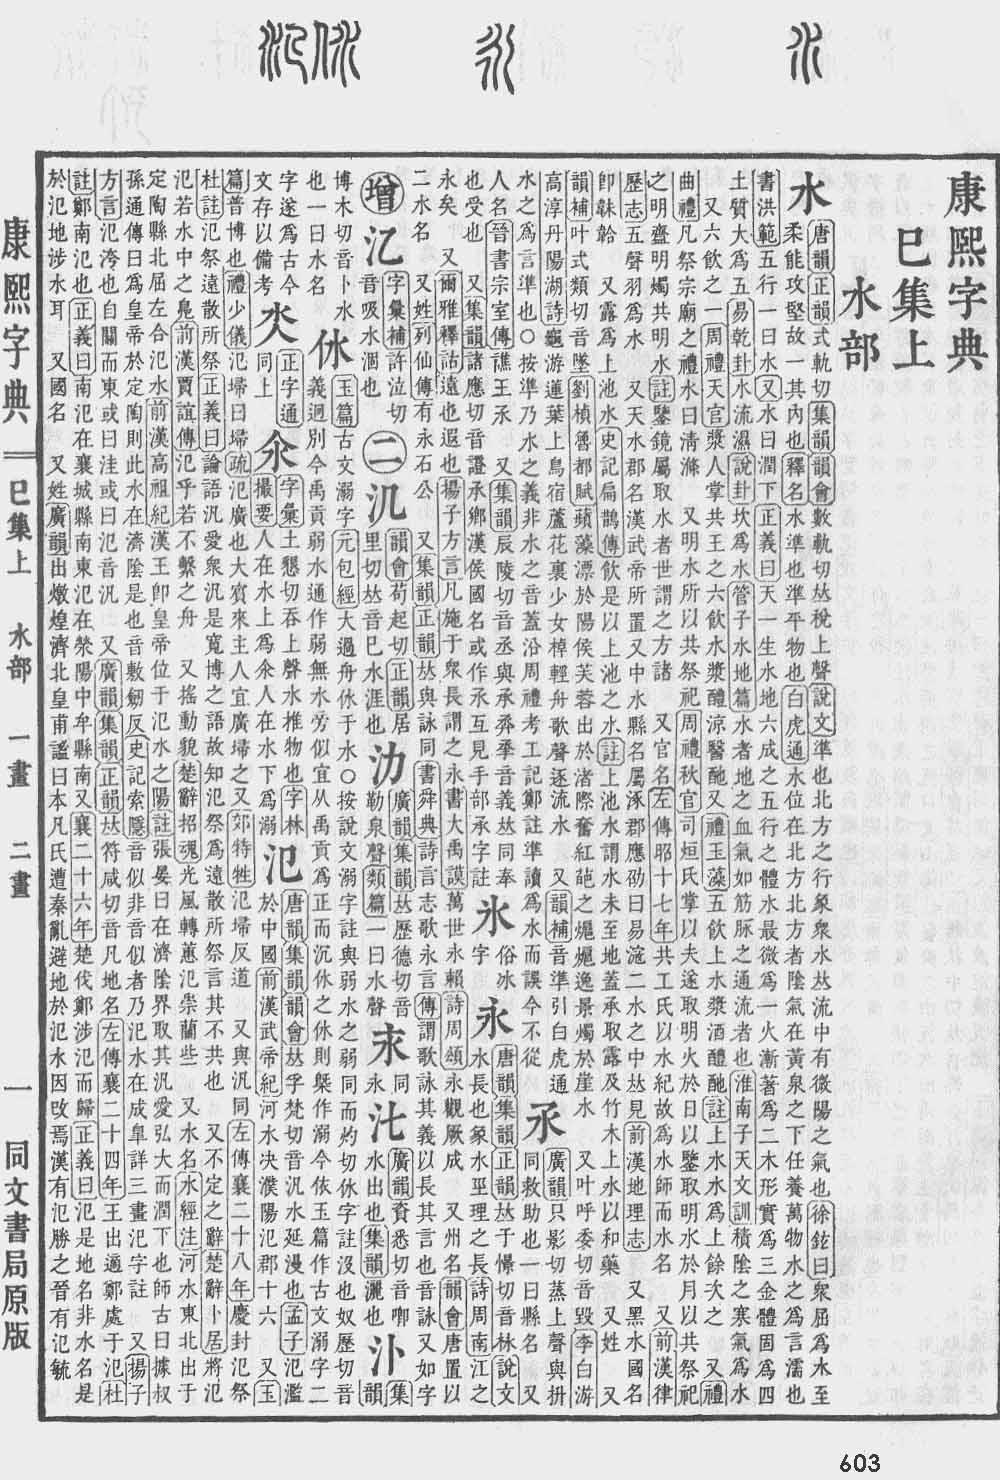 《康熙字典》第603页